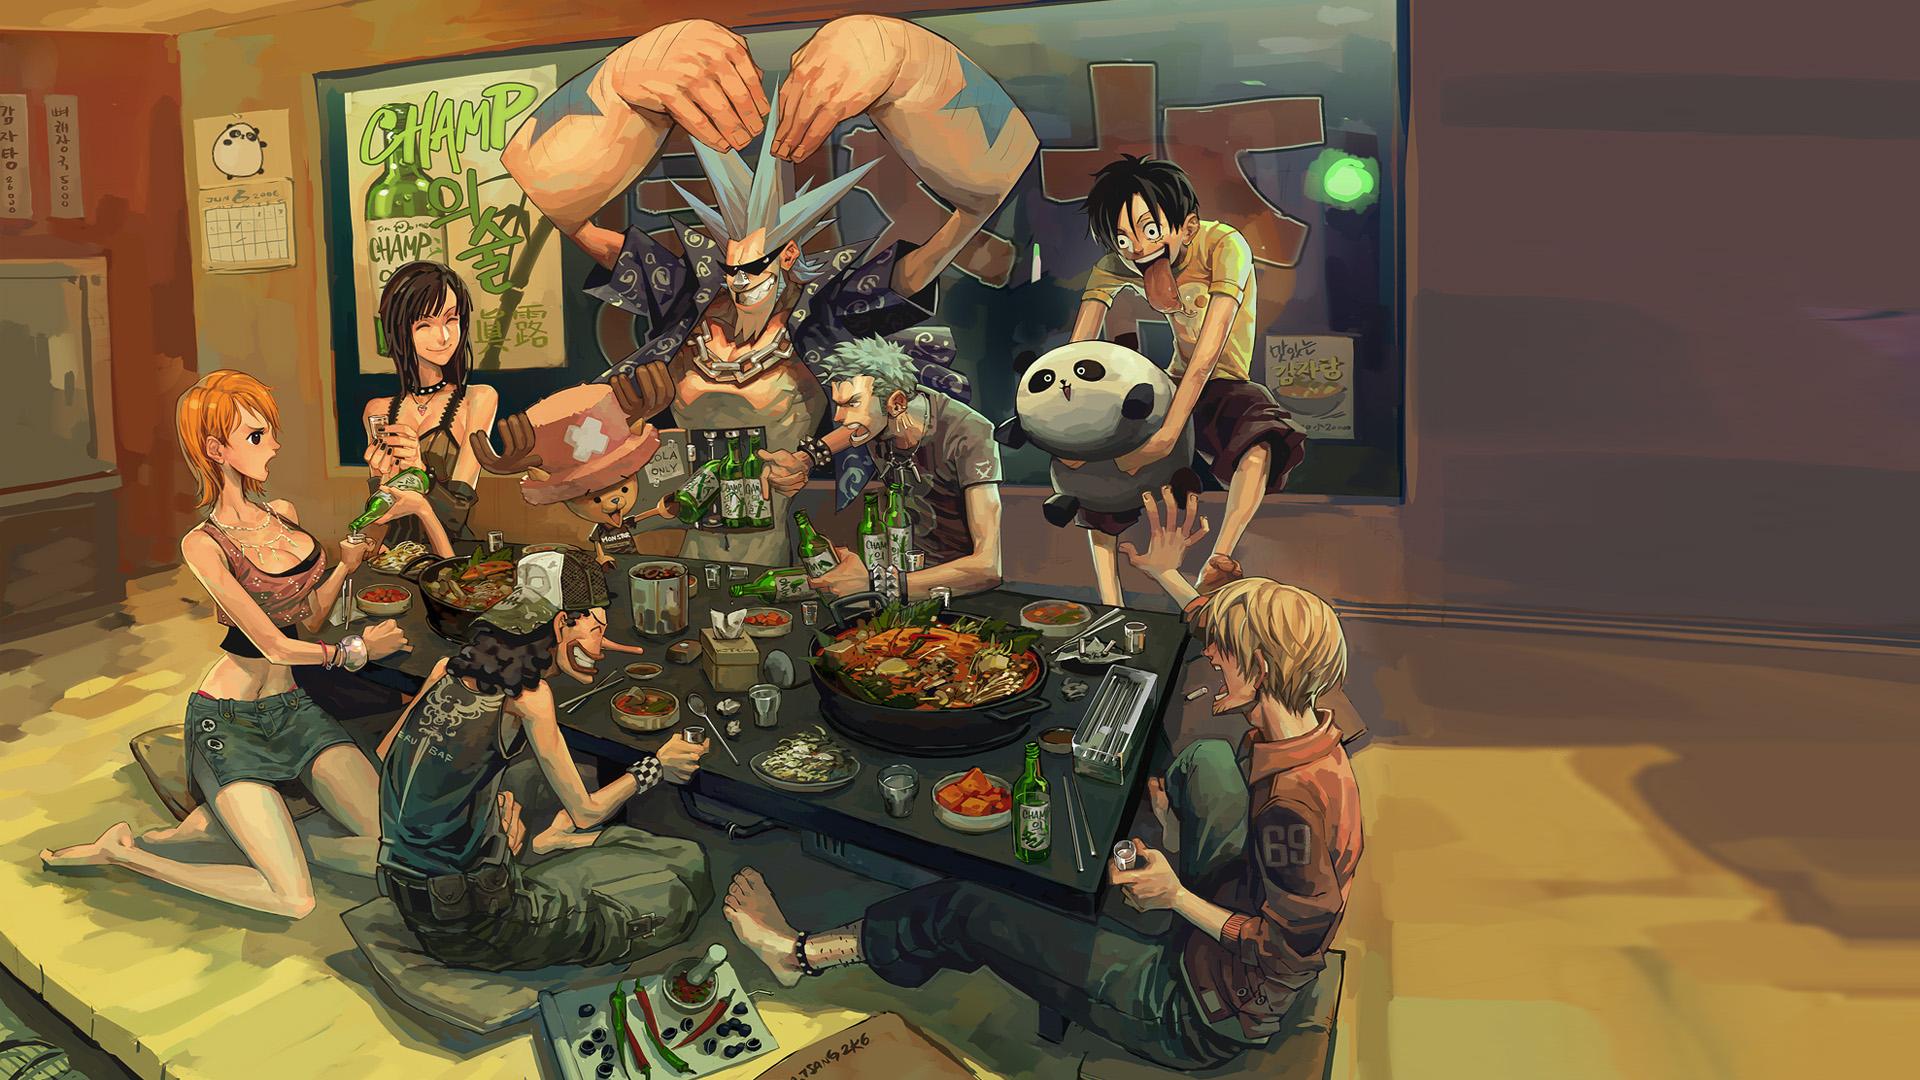 One Piece Wallpaper 1920x1080 One Piece Anime 1920x1080